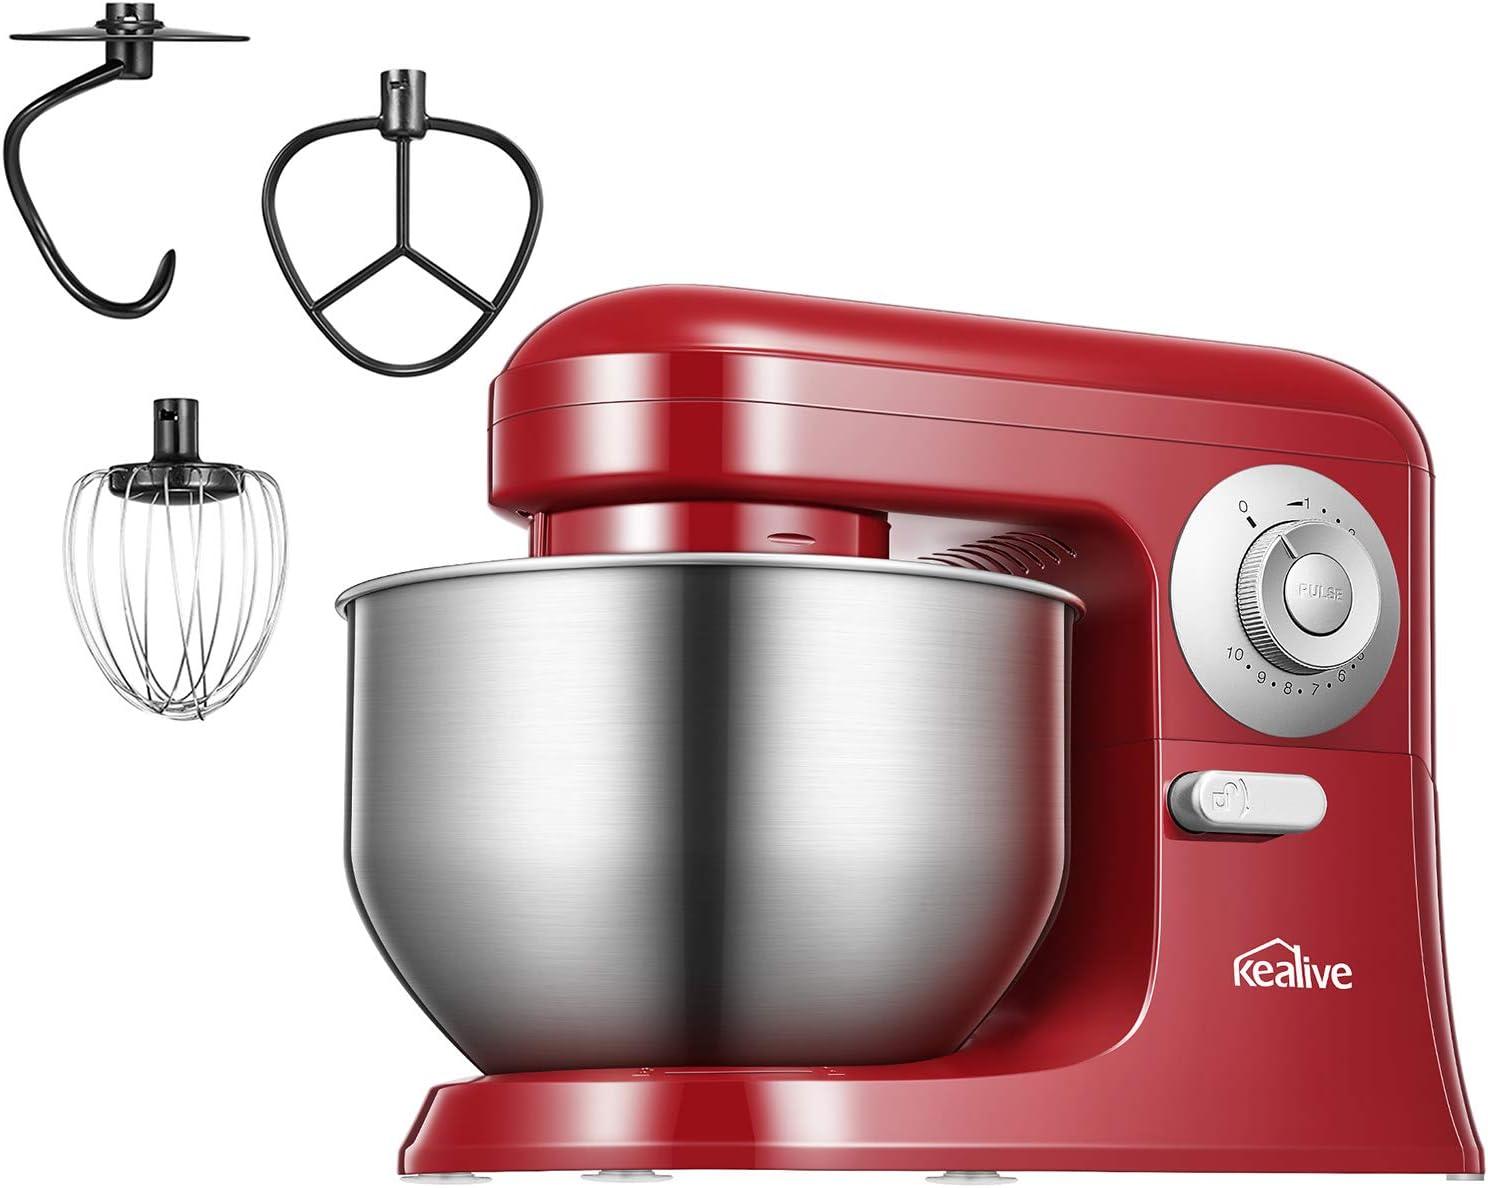 Batidora Amasadora, Robot de cocina multifuncional Kealive 10 ...